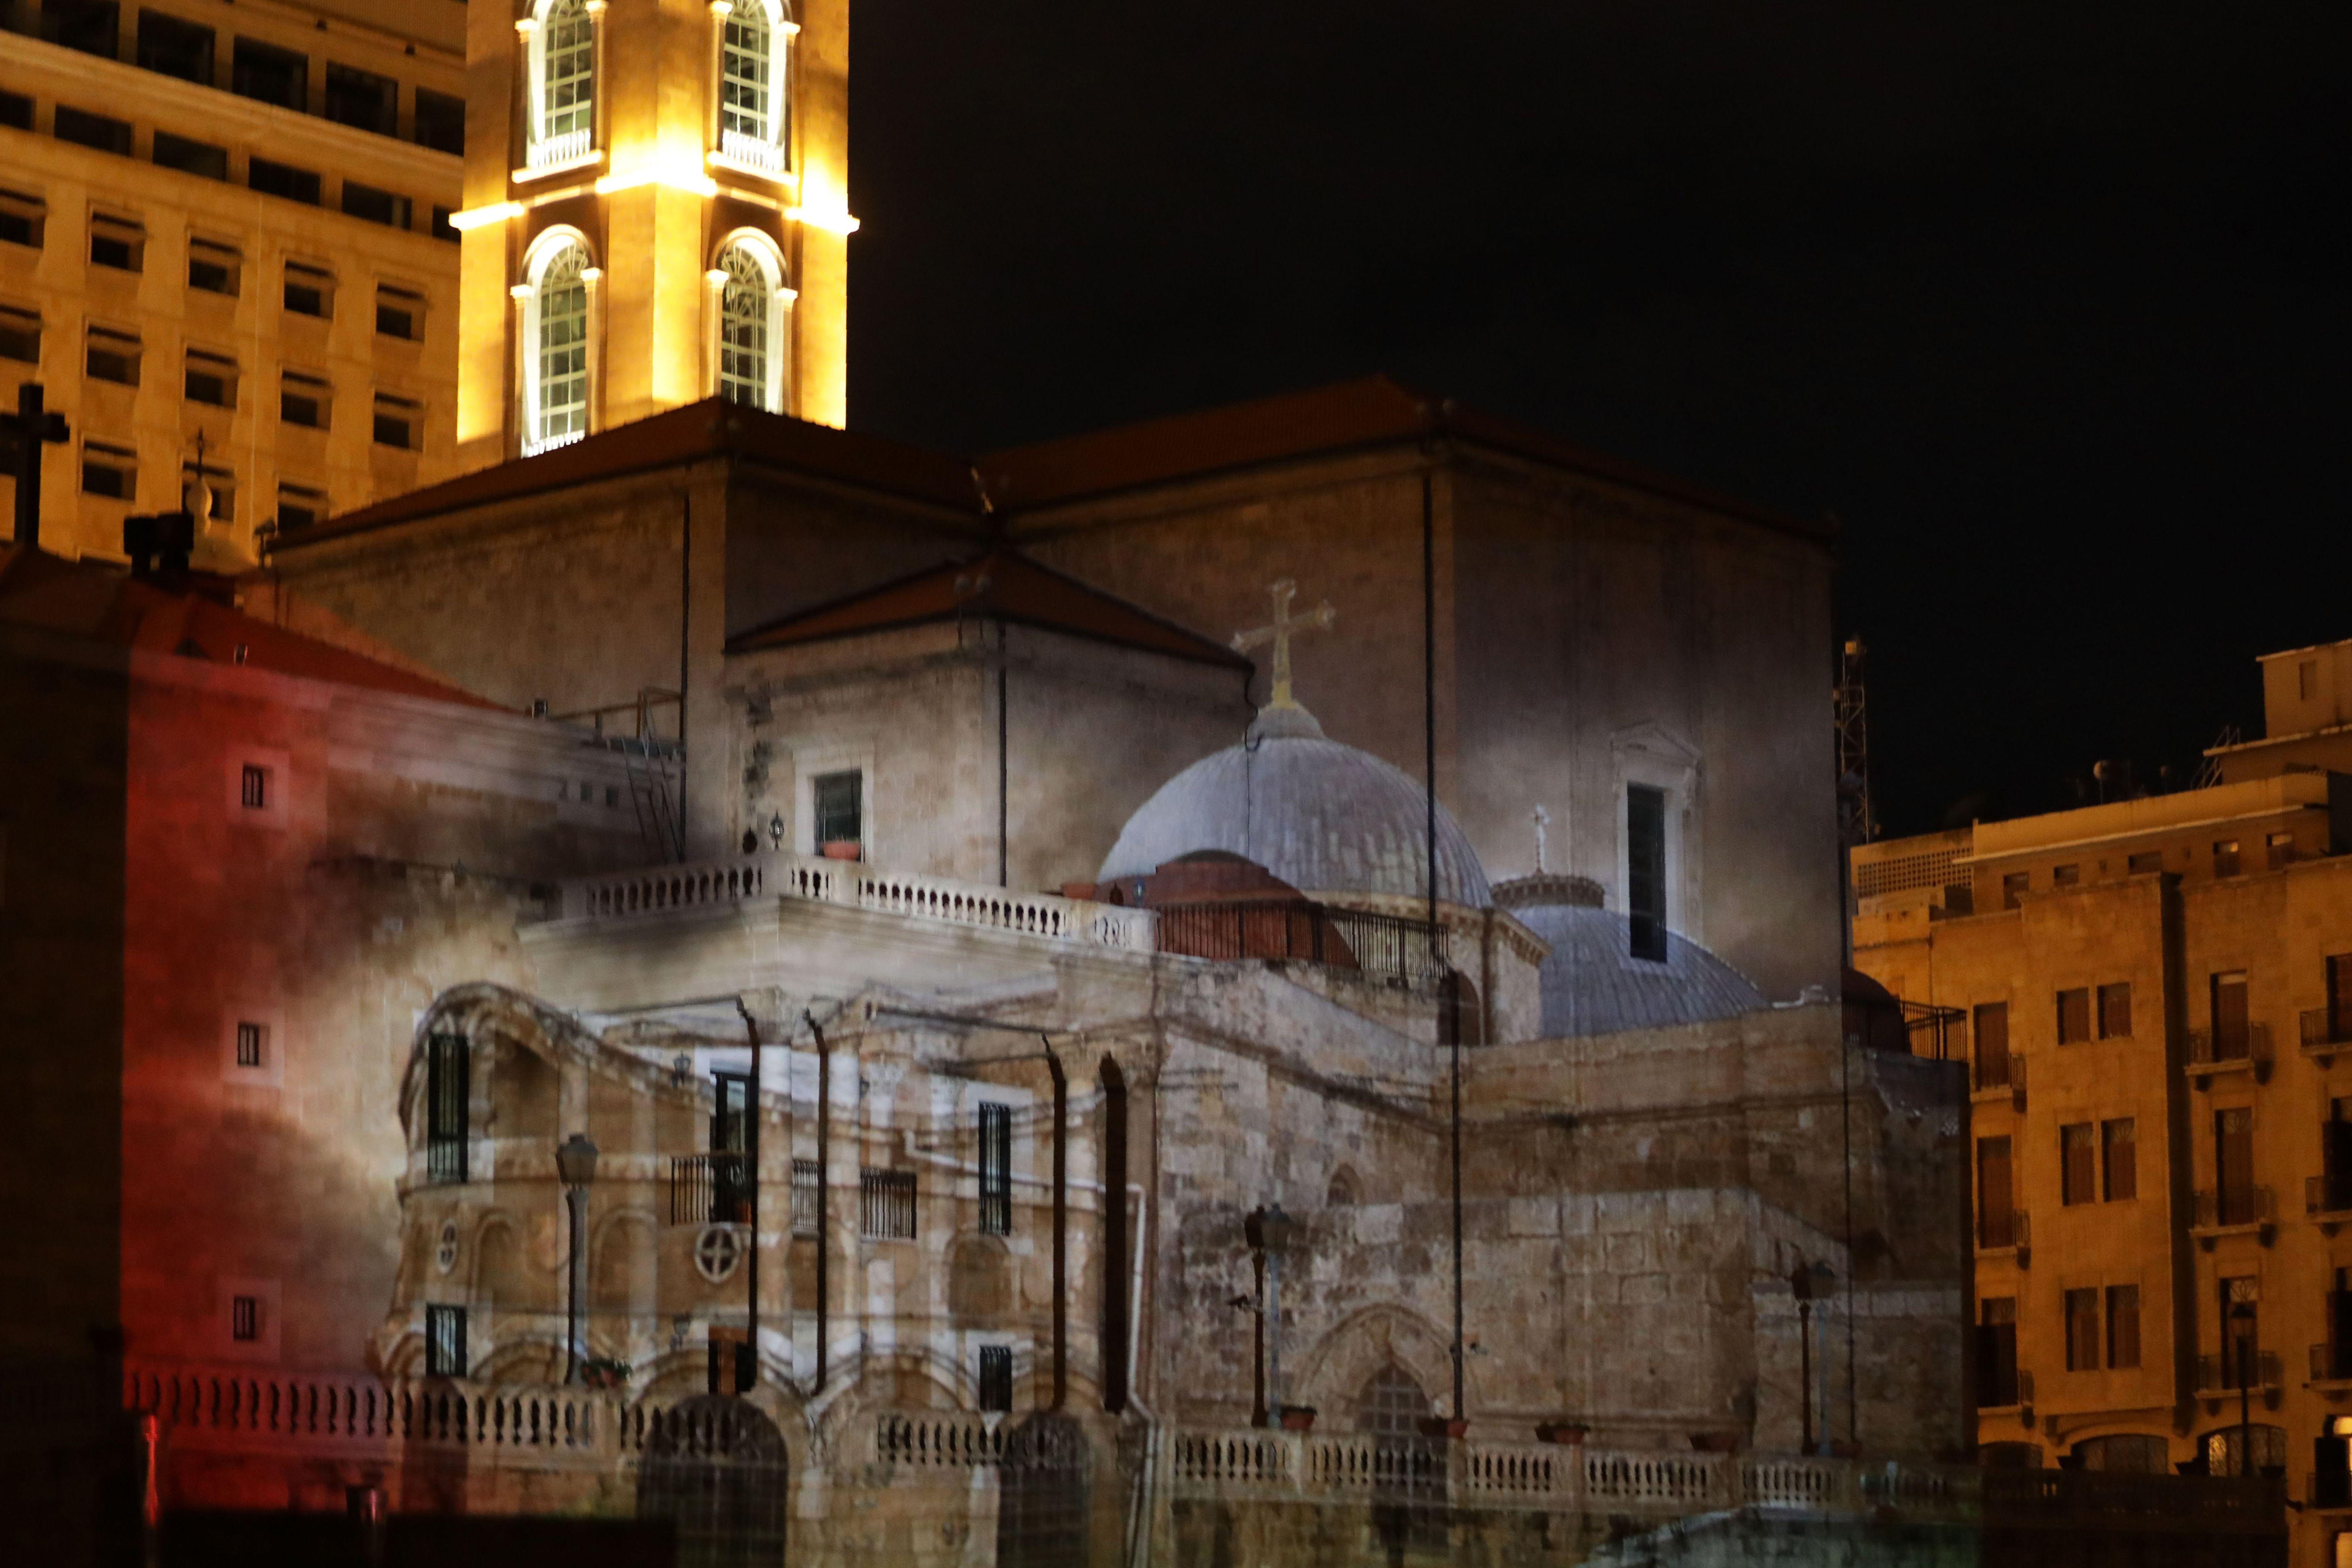 جانب من إنارة مسجد الأمين وكاتدرائية مارجرجس